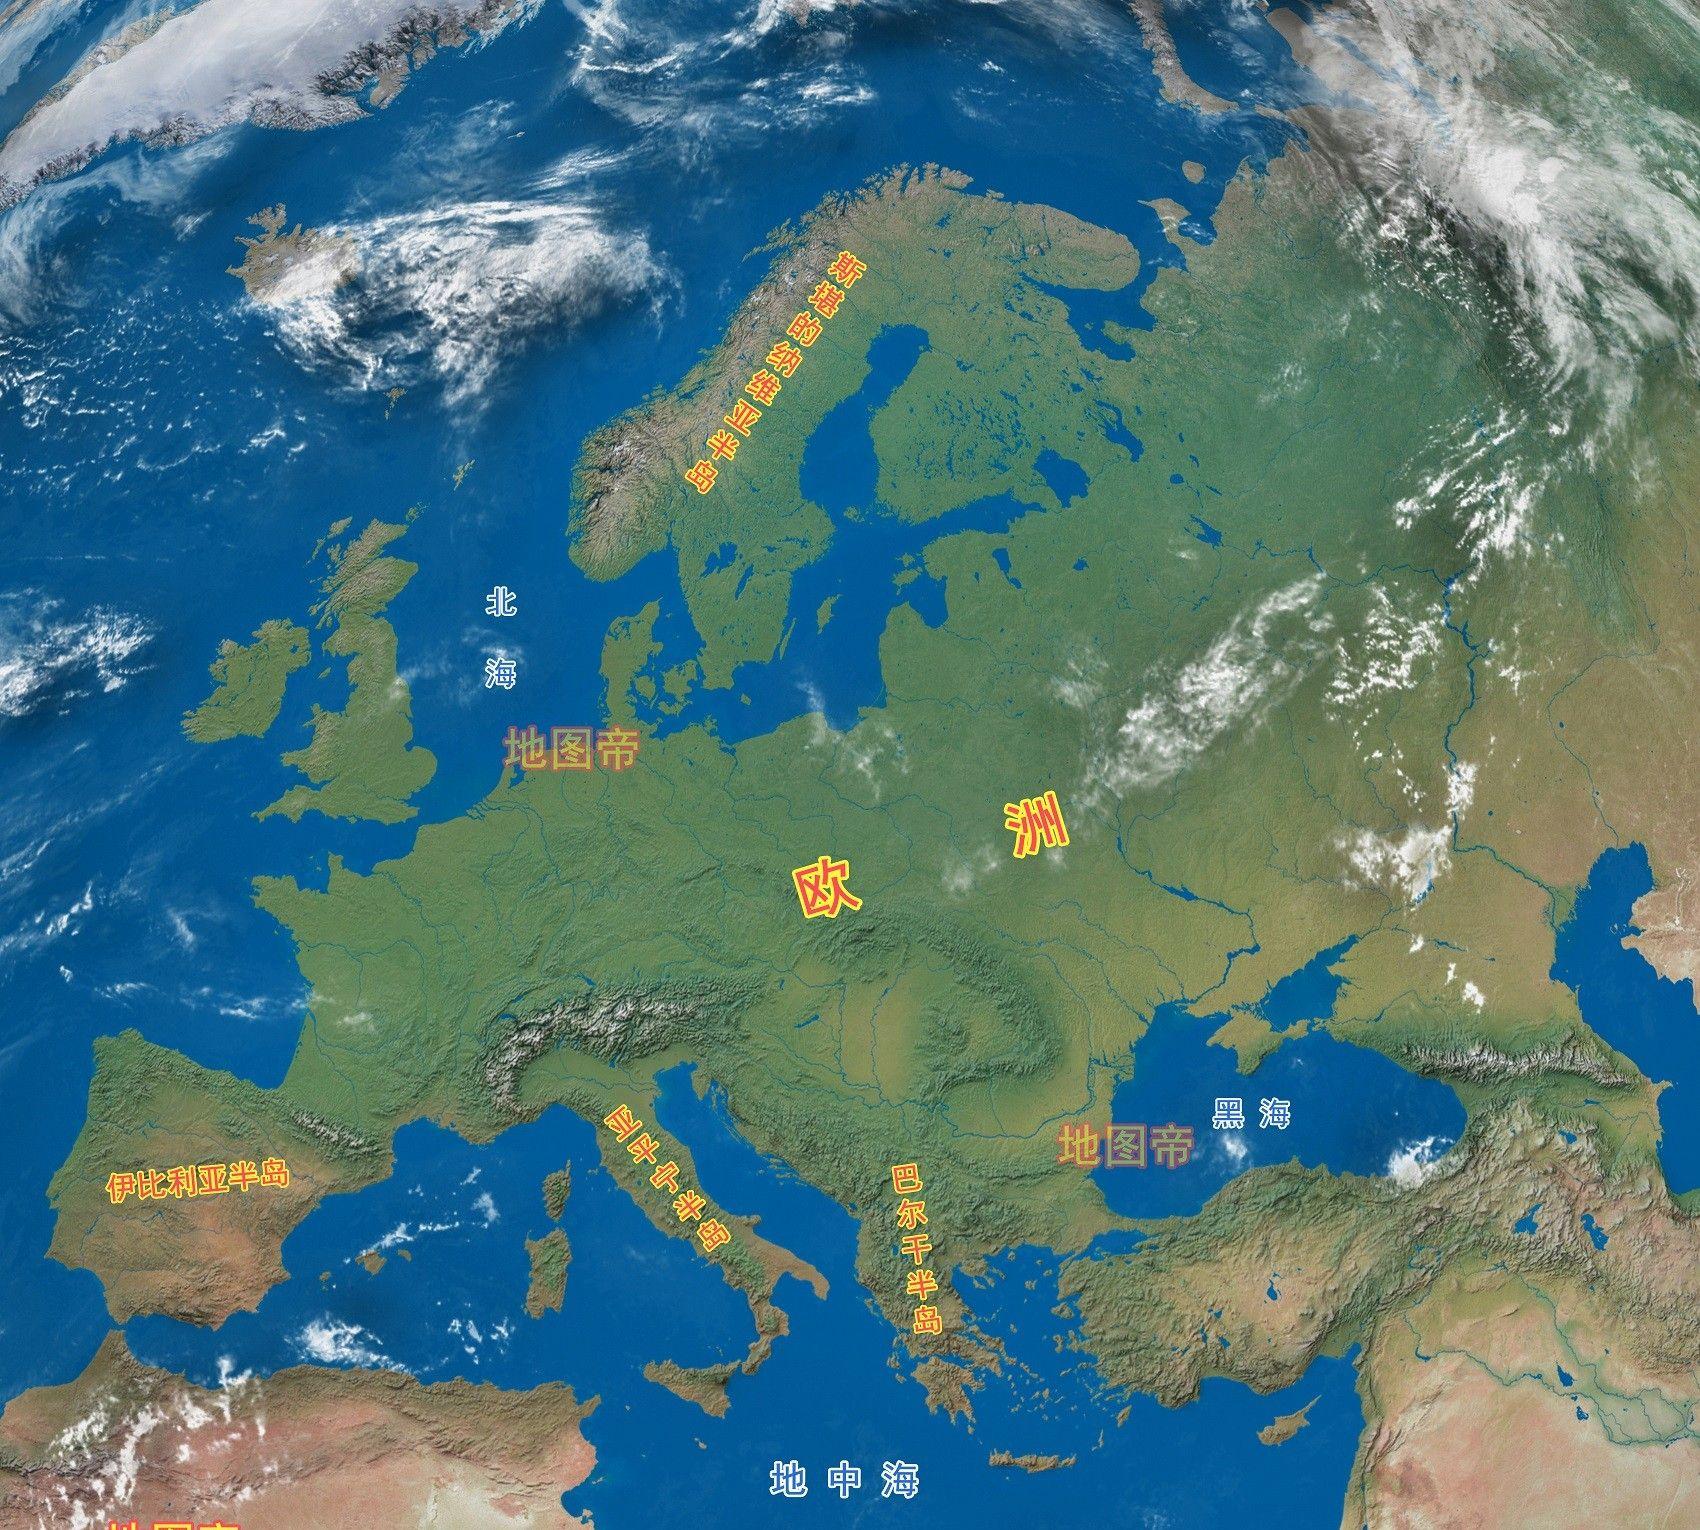 欧洲四大半岛是哪几个?看地图一目了然